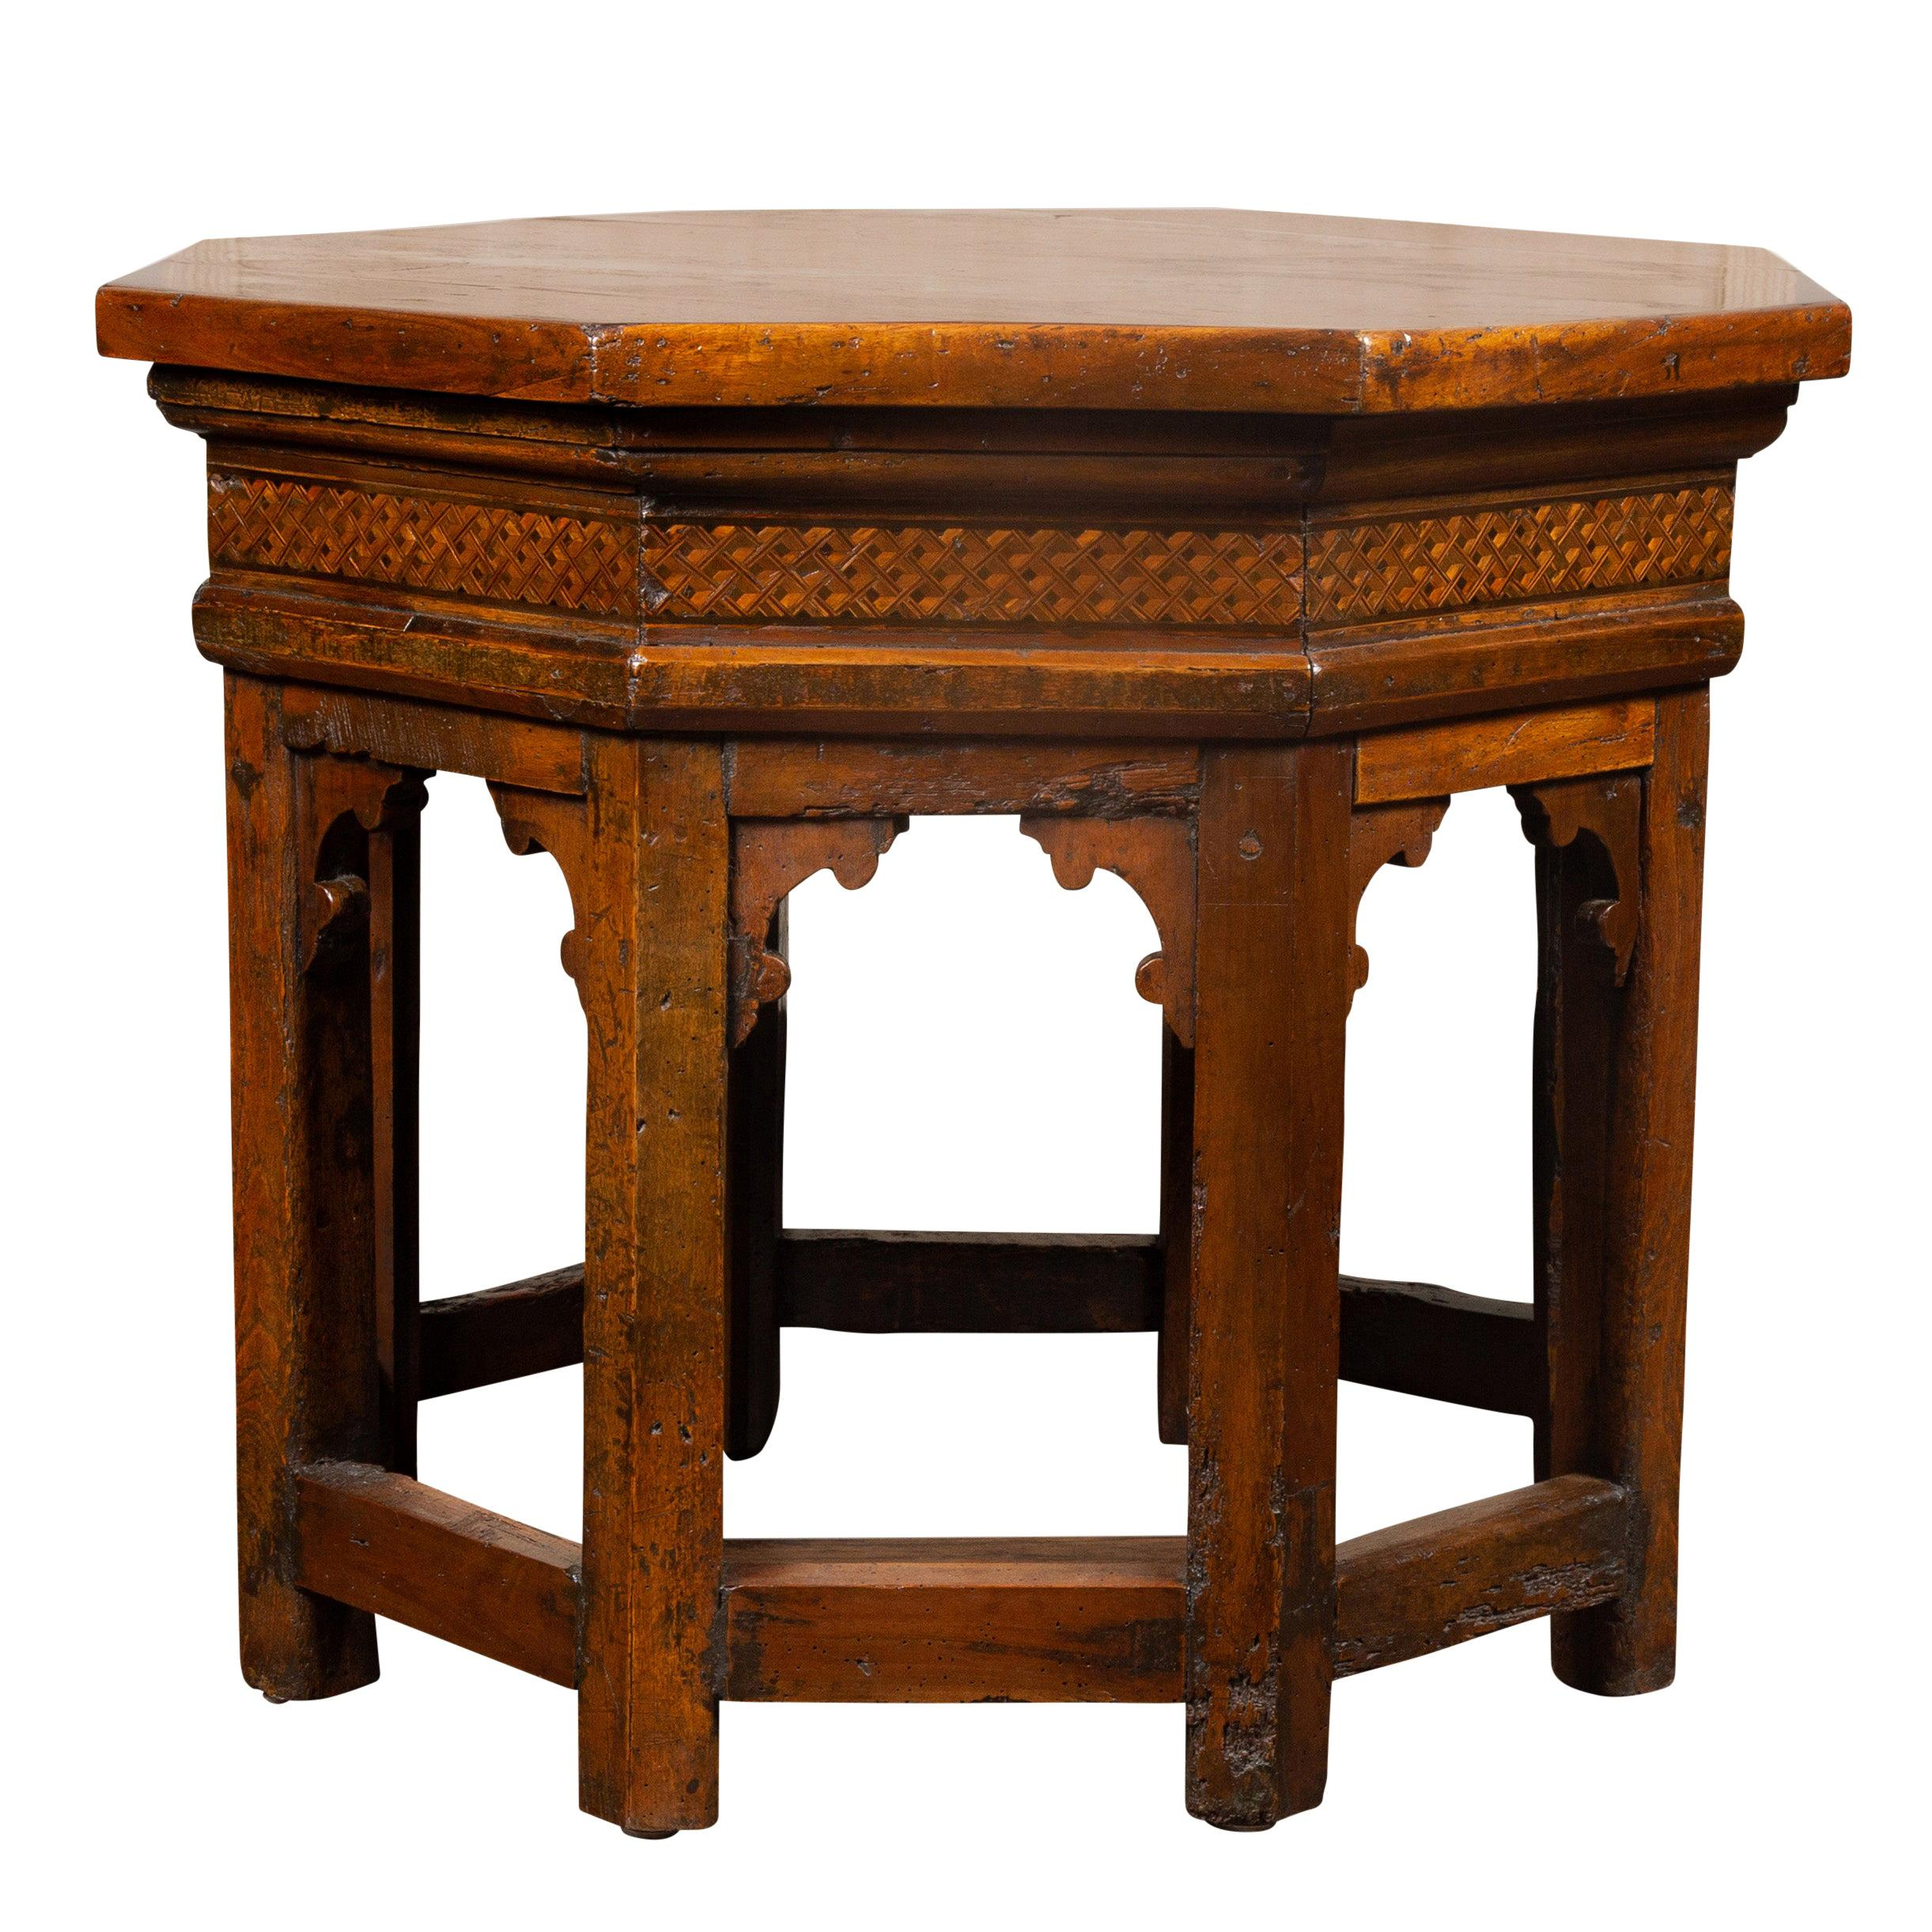 19th Century Italian Walnut Octagonal Table with Inlaid Trompe-L'œil Motifs